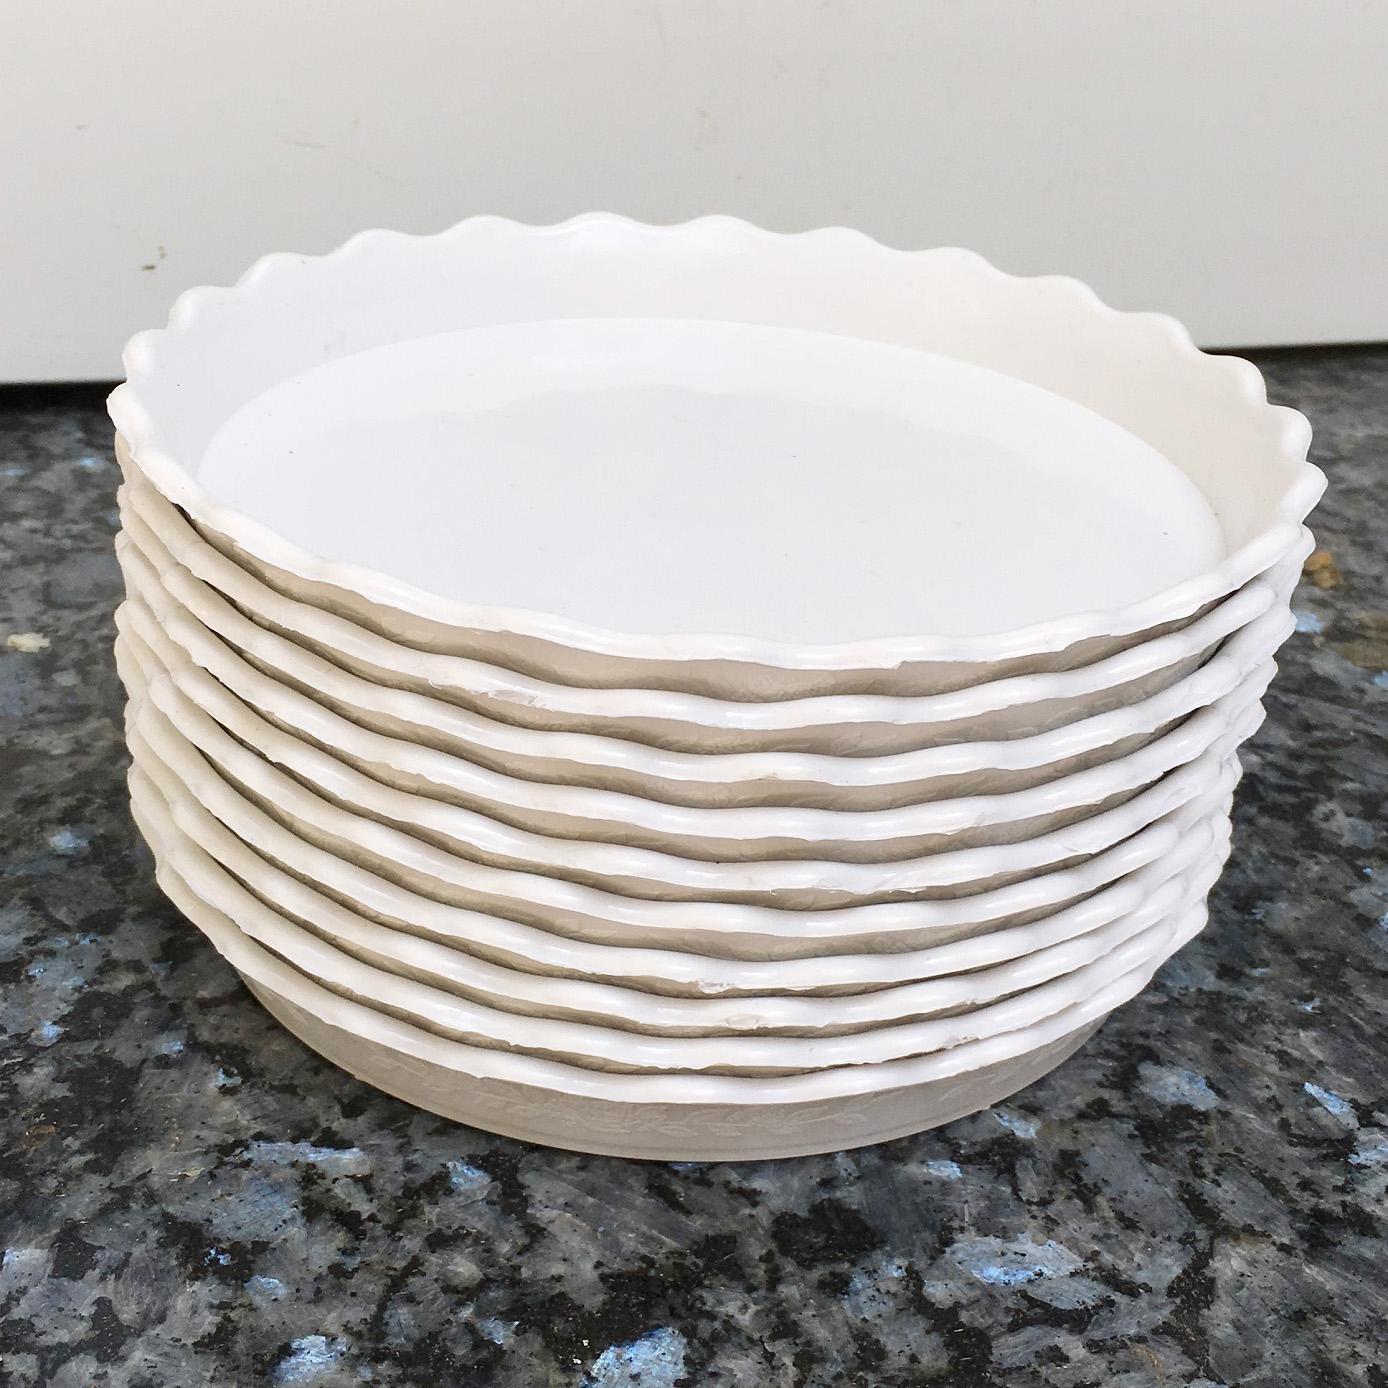 Bộ 10 đĩa lót chậu màu trắng đường kính 18cm